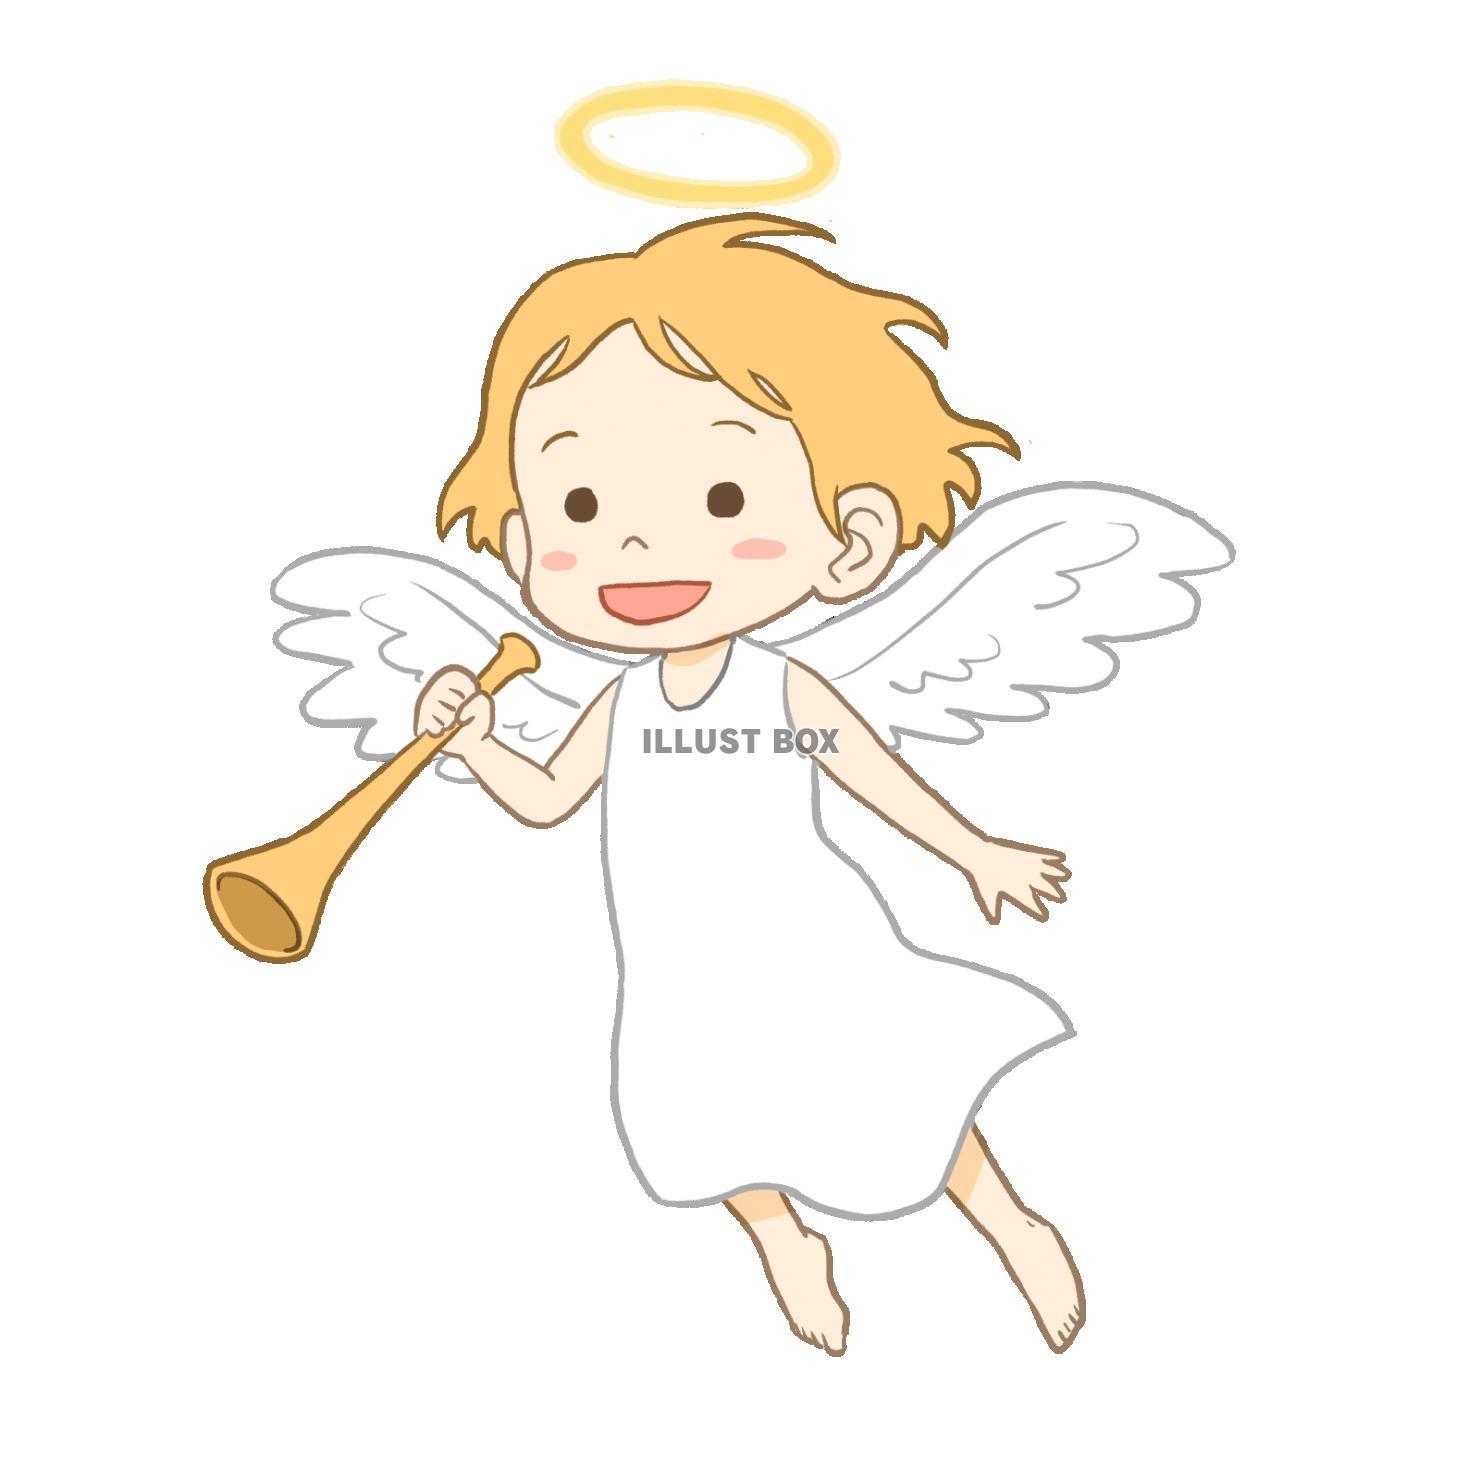 無料イラスト 天使